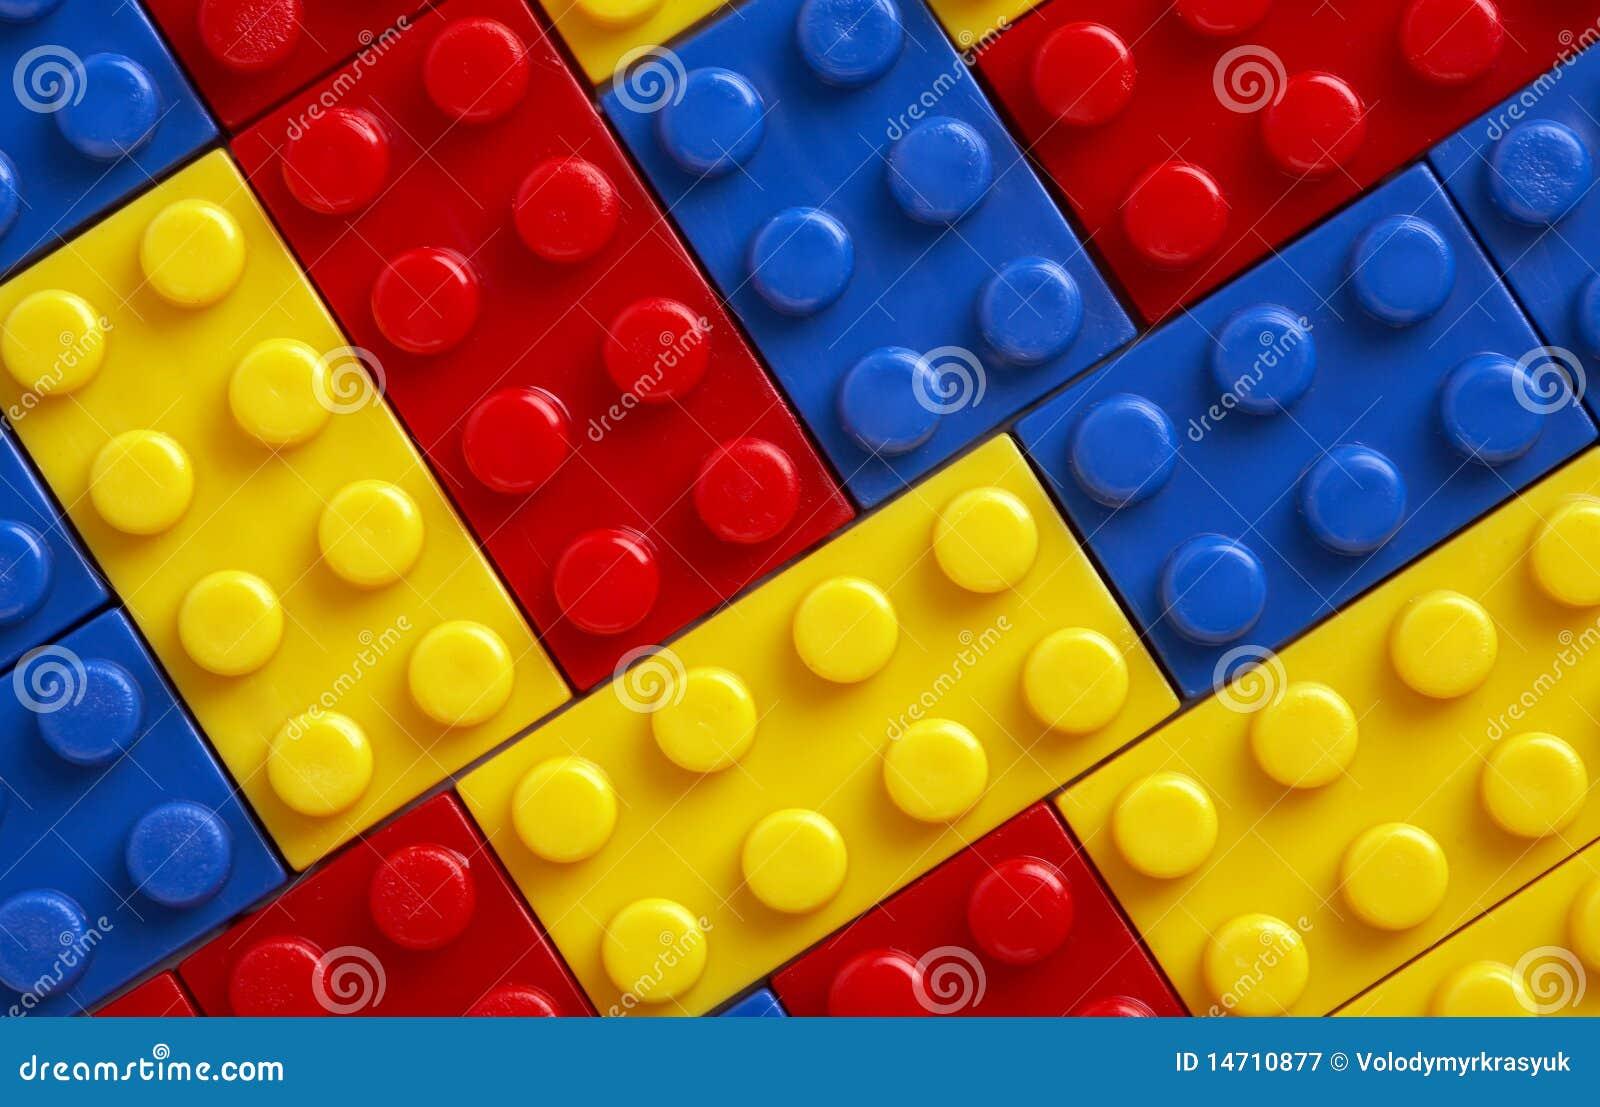 Lego Royalty Free Stock Photography - Image: 14710877